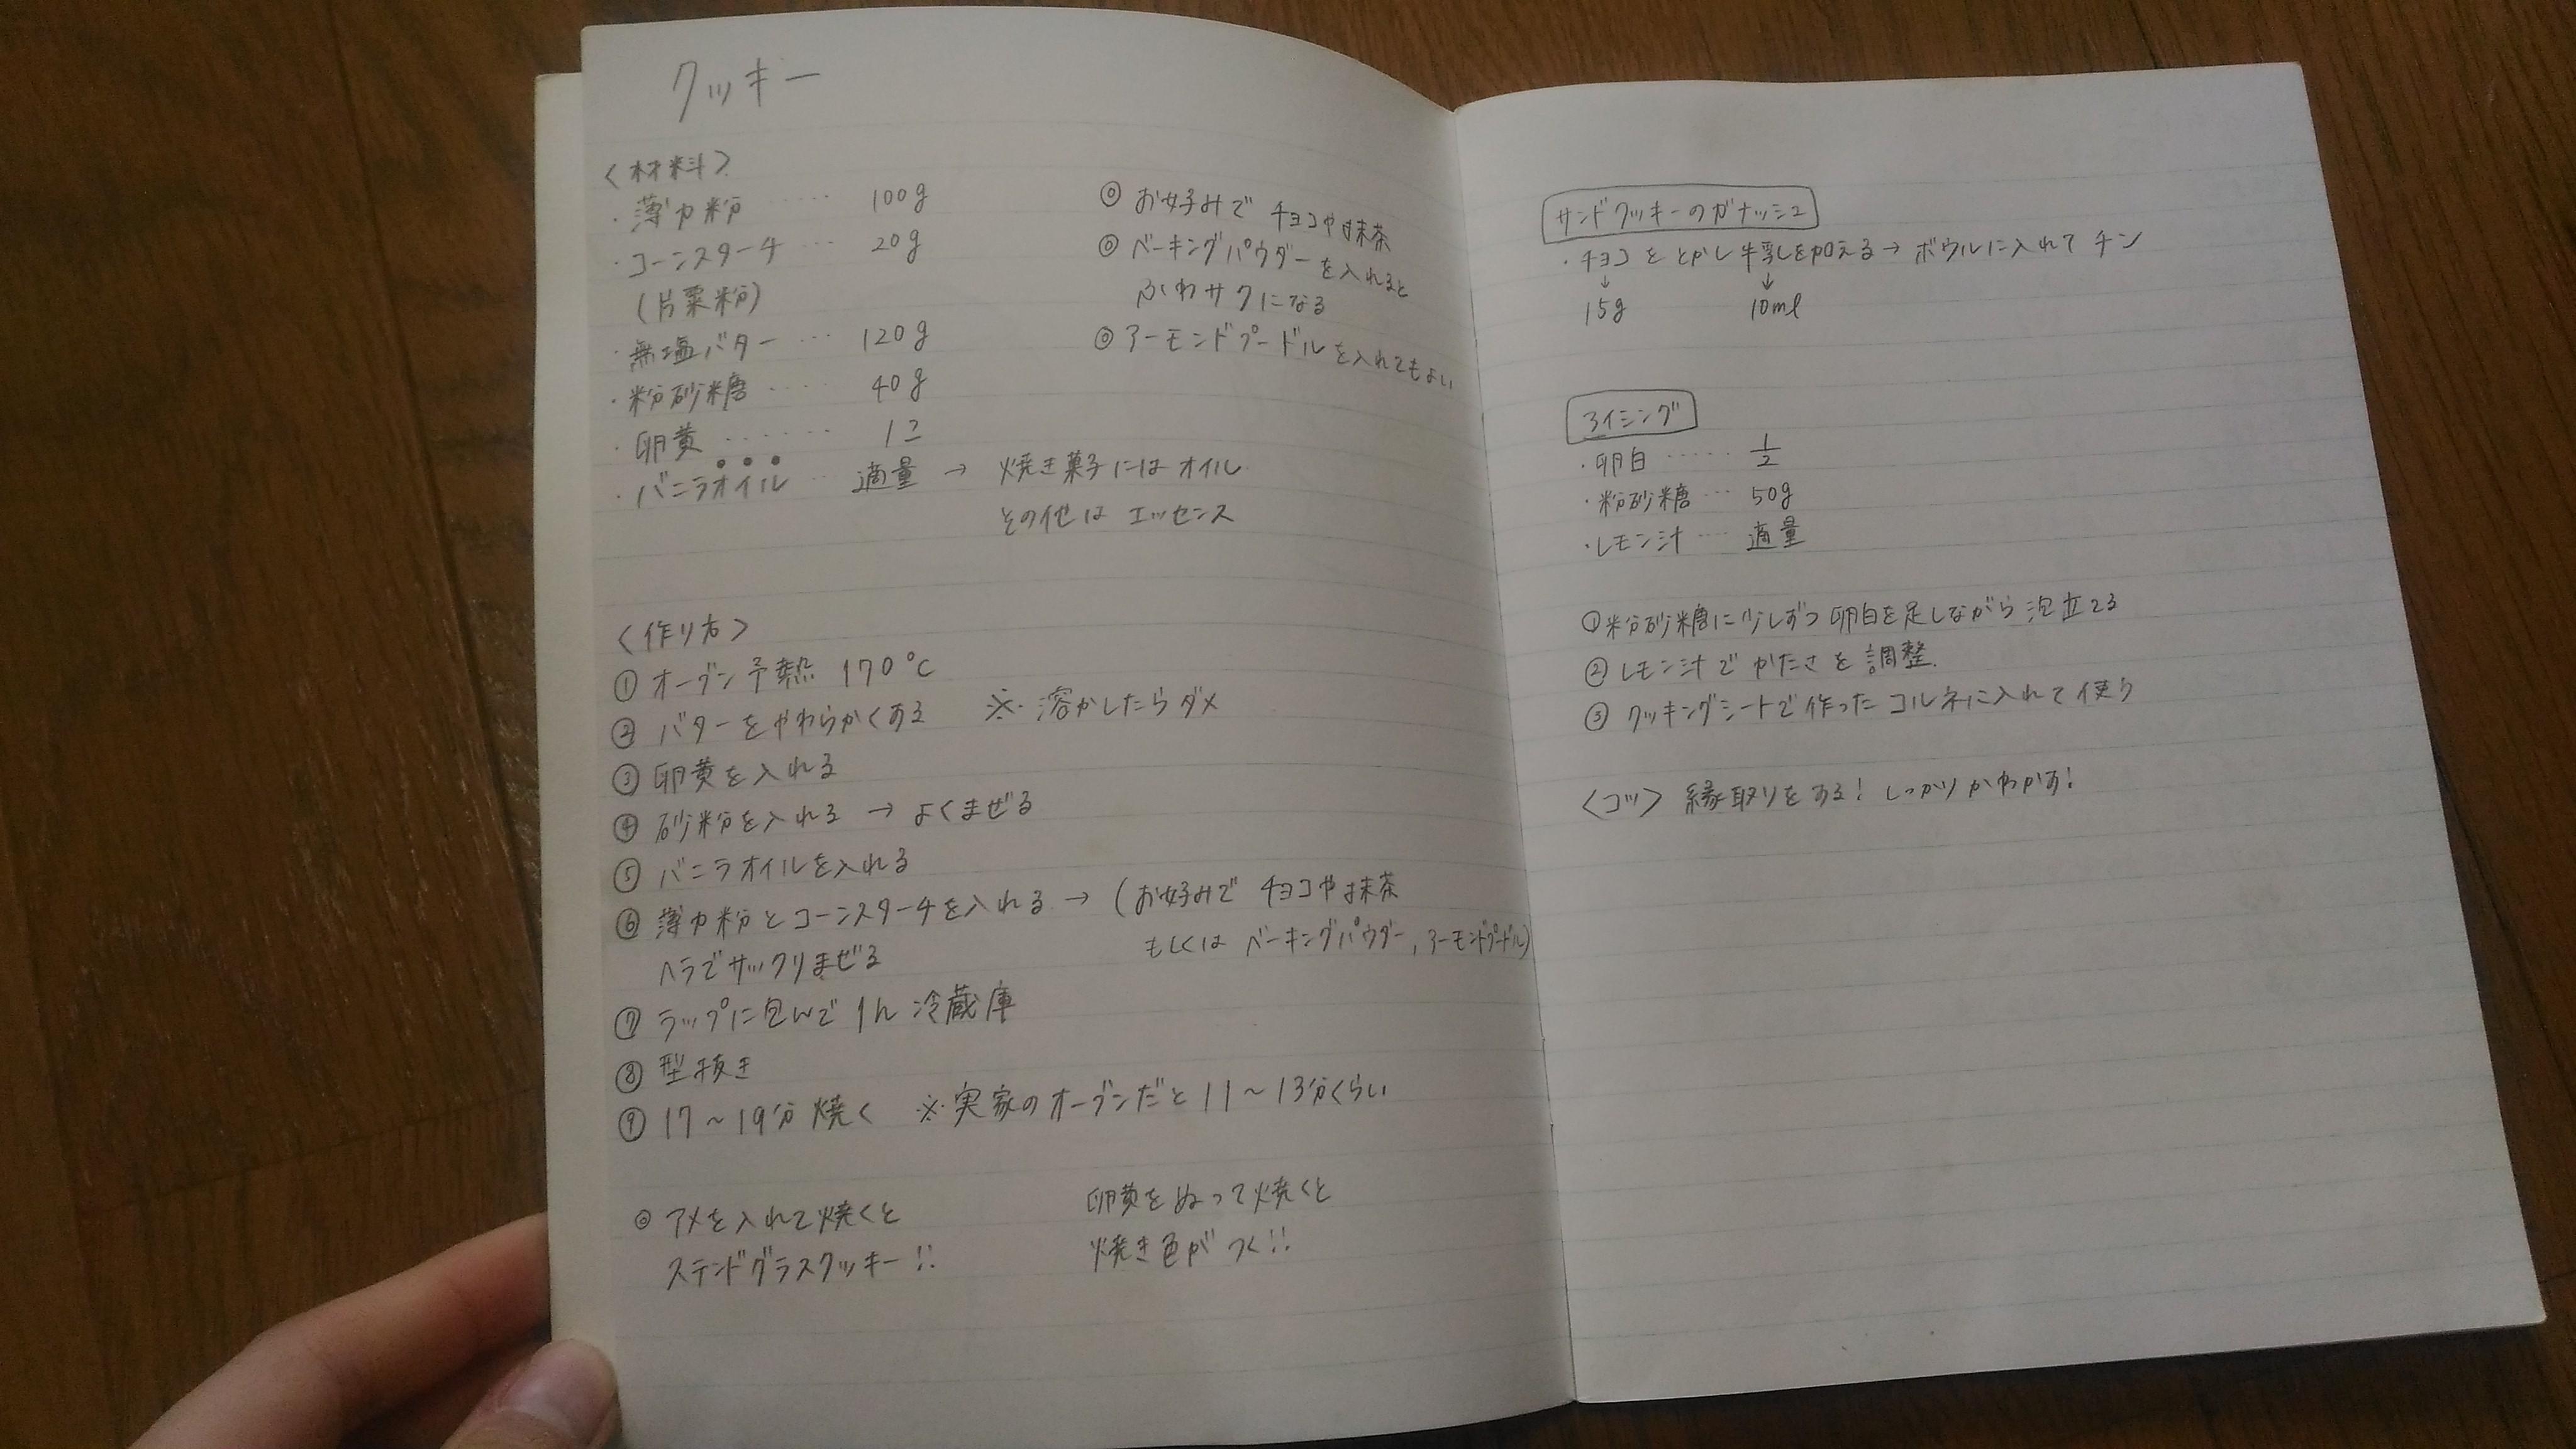 https://emifull.jp/emifulls_blog/13th/2021/02/files/P_20210211_134042.jpg